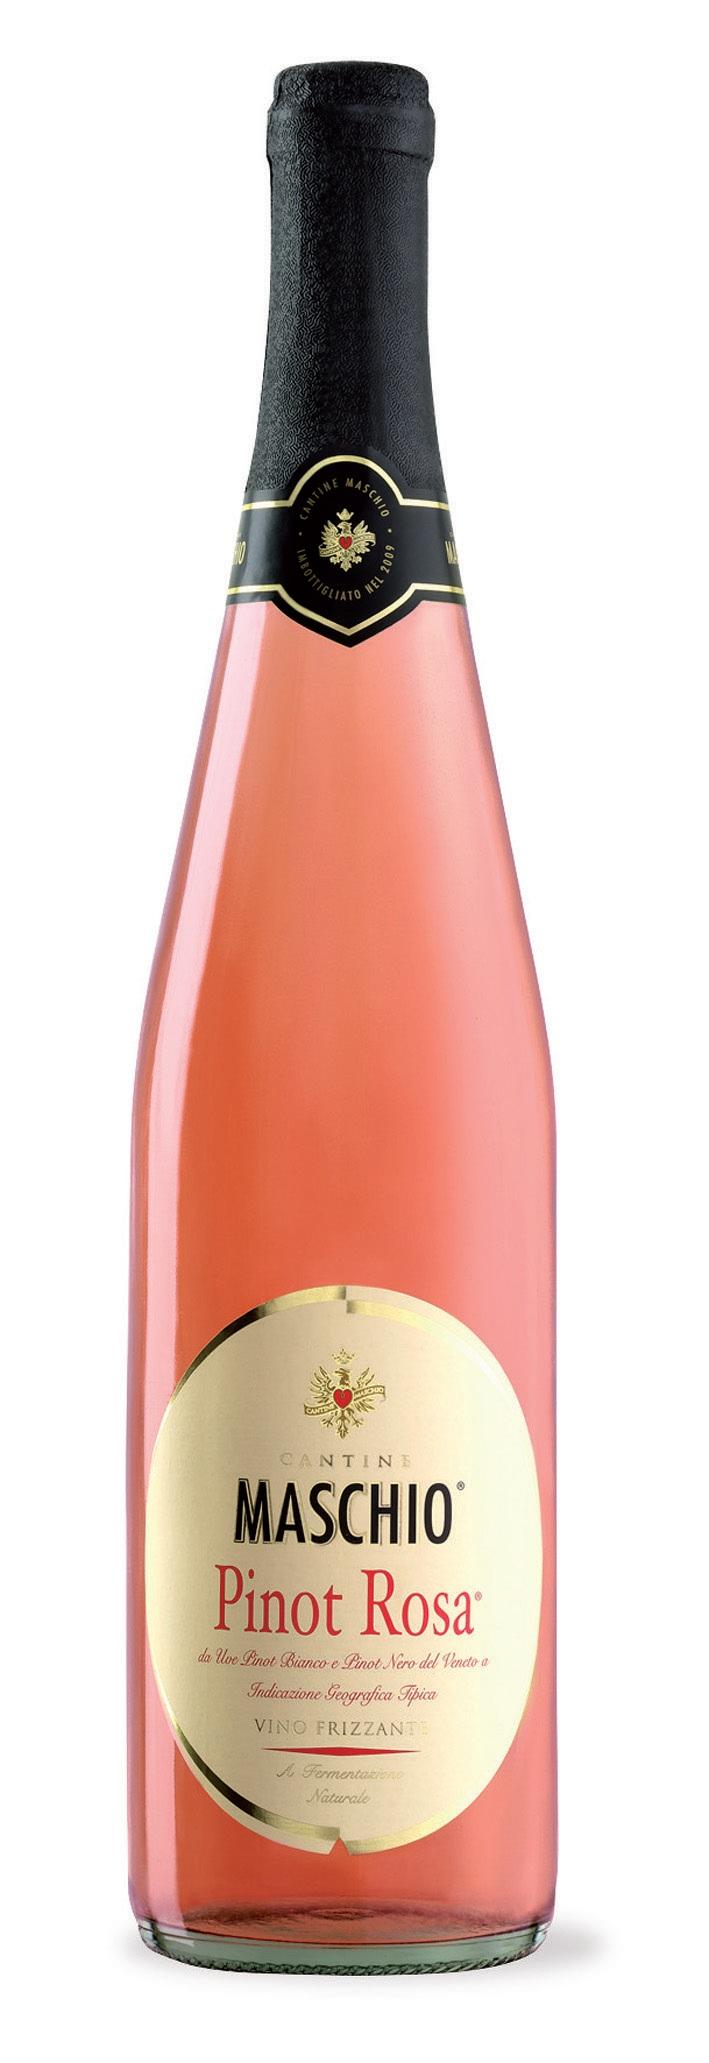 Pinot rosa cantine Maschio